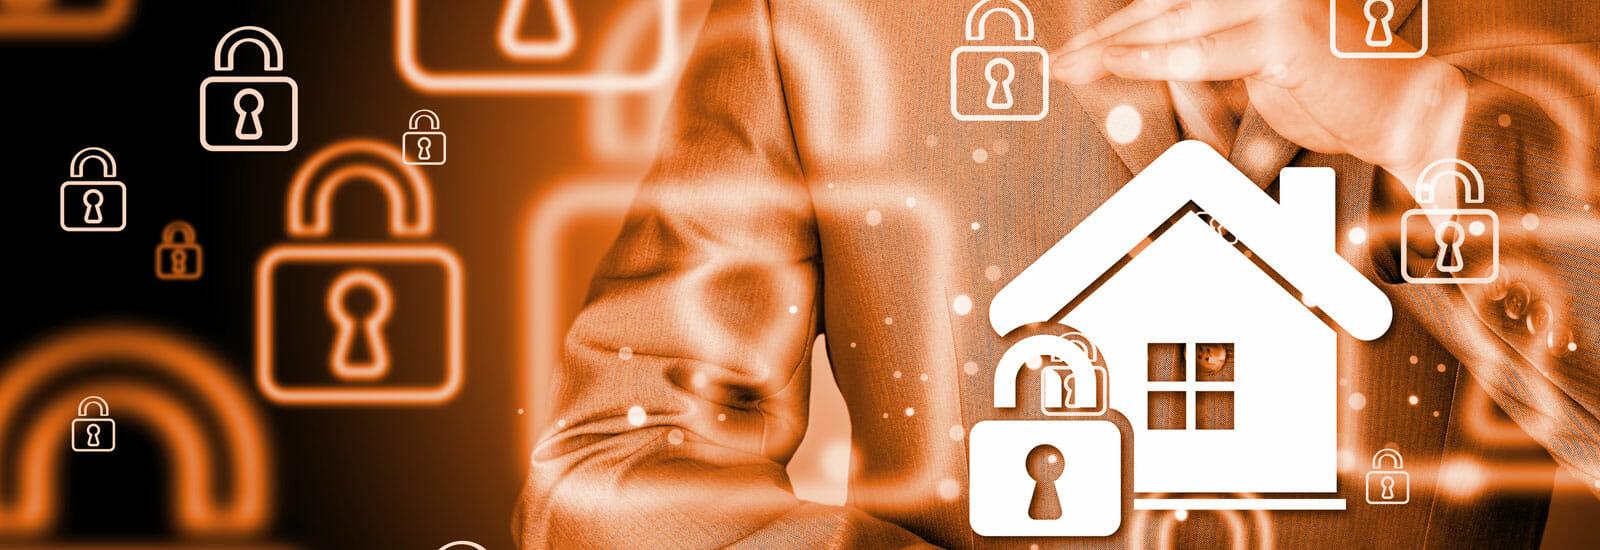 Informativa sulla privacy come trattiamo i tuoi dati punto sicurezza casa - Punto sicurezza casa ...